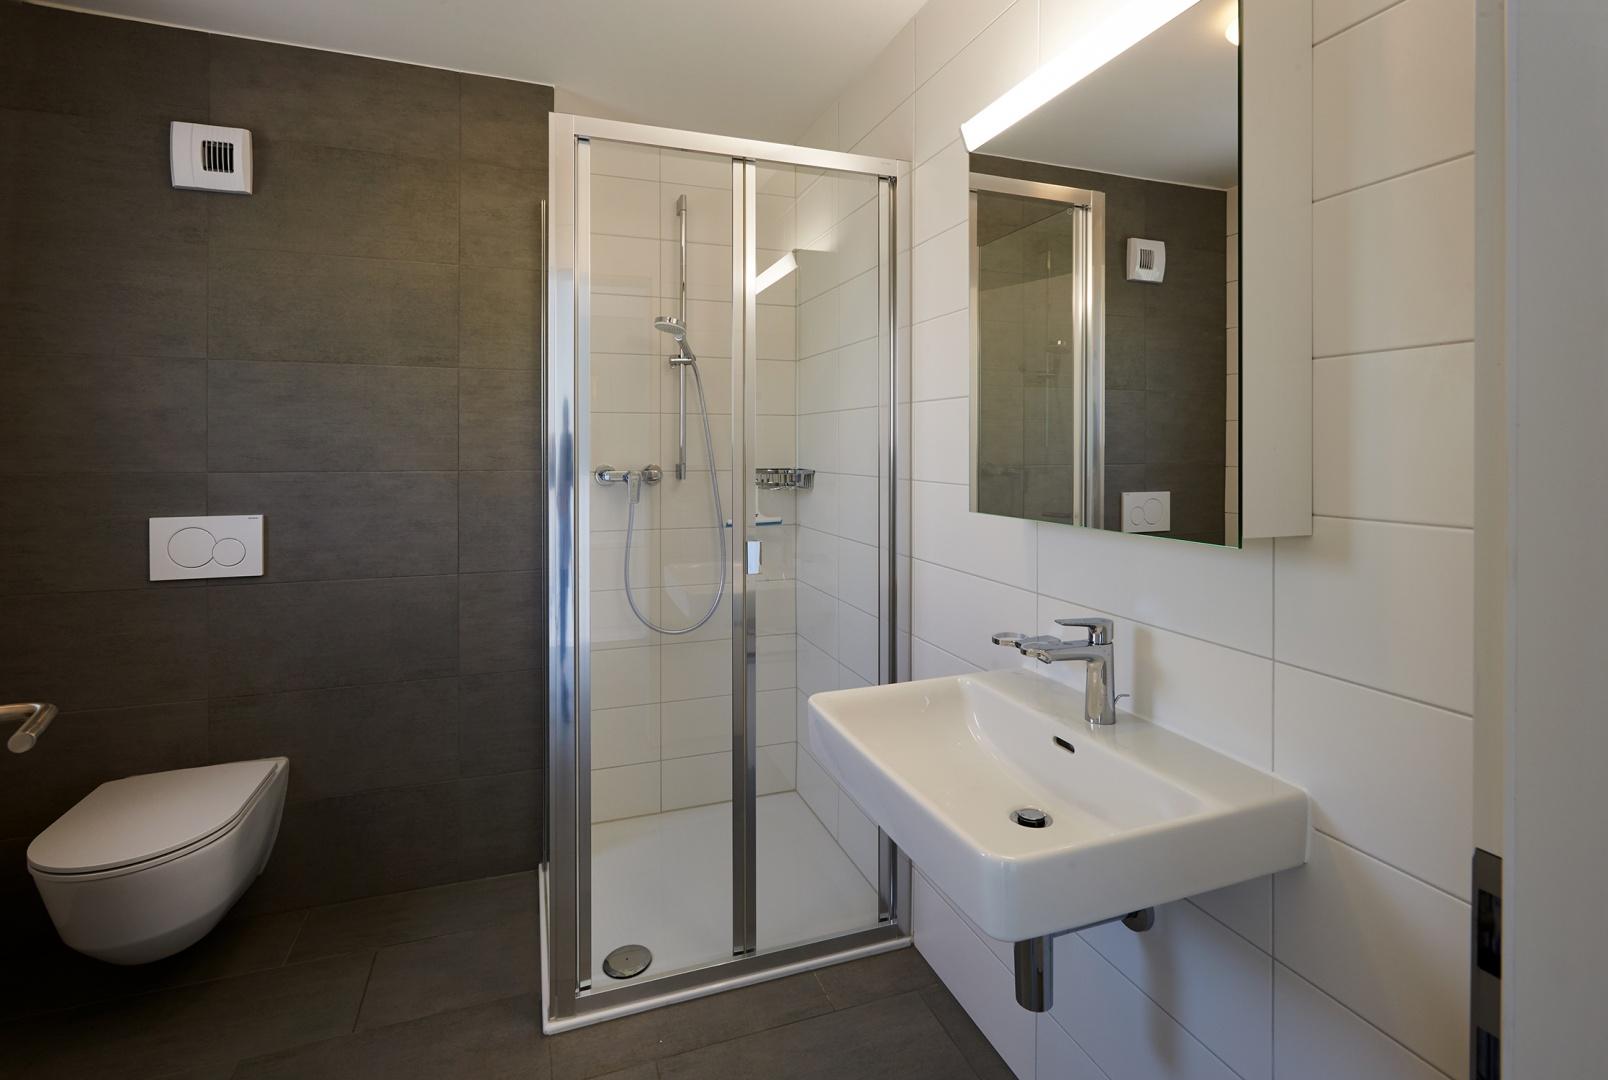 Salle de bains  © Corinne Cuendet, Clarens